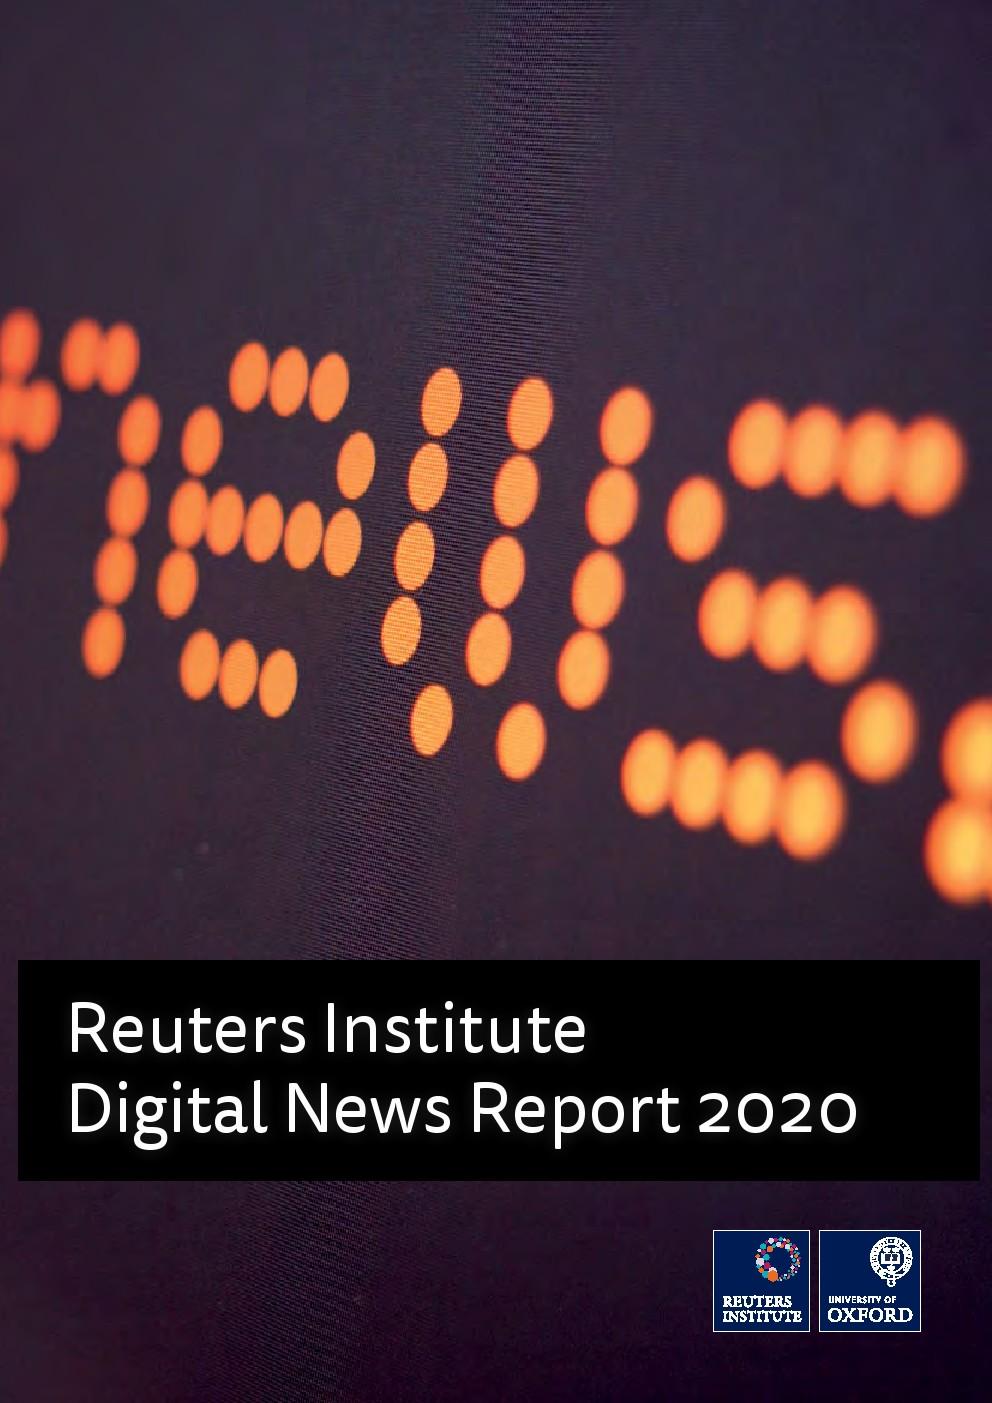 路透社:2020年网络新闻报告